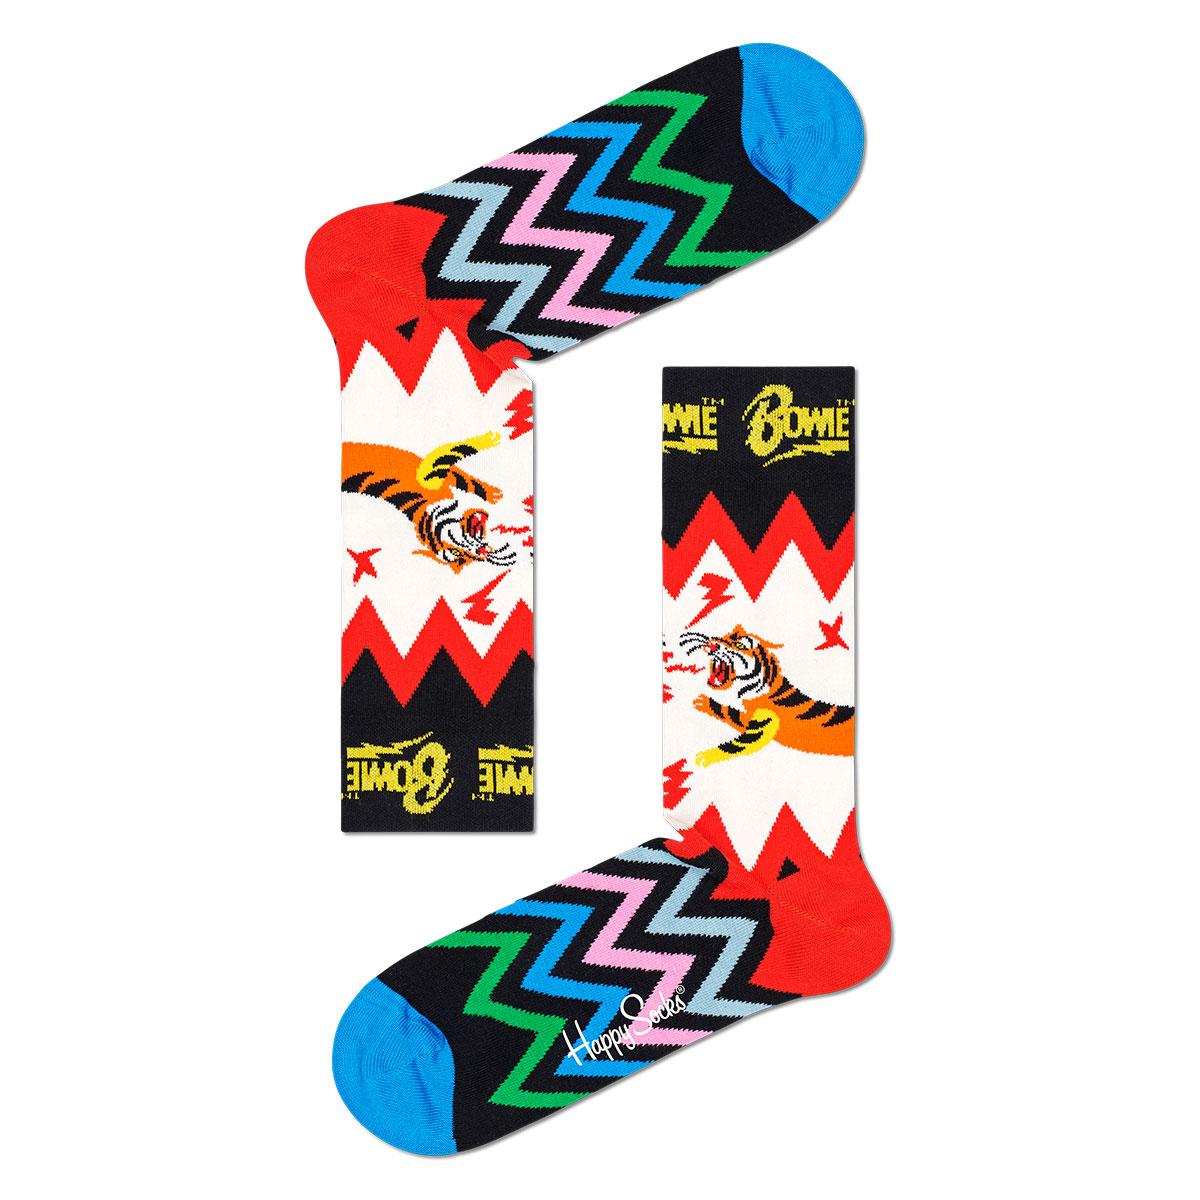 Happy Socks ハッピーソックス  Happy Socks × David Bowie ( デヴィッド・ボウイ )  ELECTRIC TIGER  ( エレクトリック タイガー ) クルー丈 ソックス 靴下 ユニセックス メンズ & レディス プレゼント 贈答 ギフト 14211003 【ゆうパケット220円・6点まで】